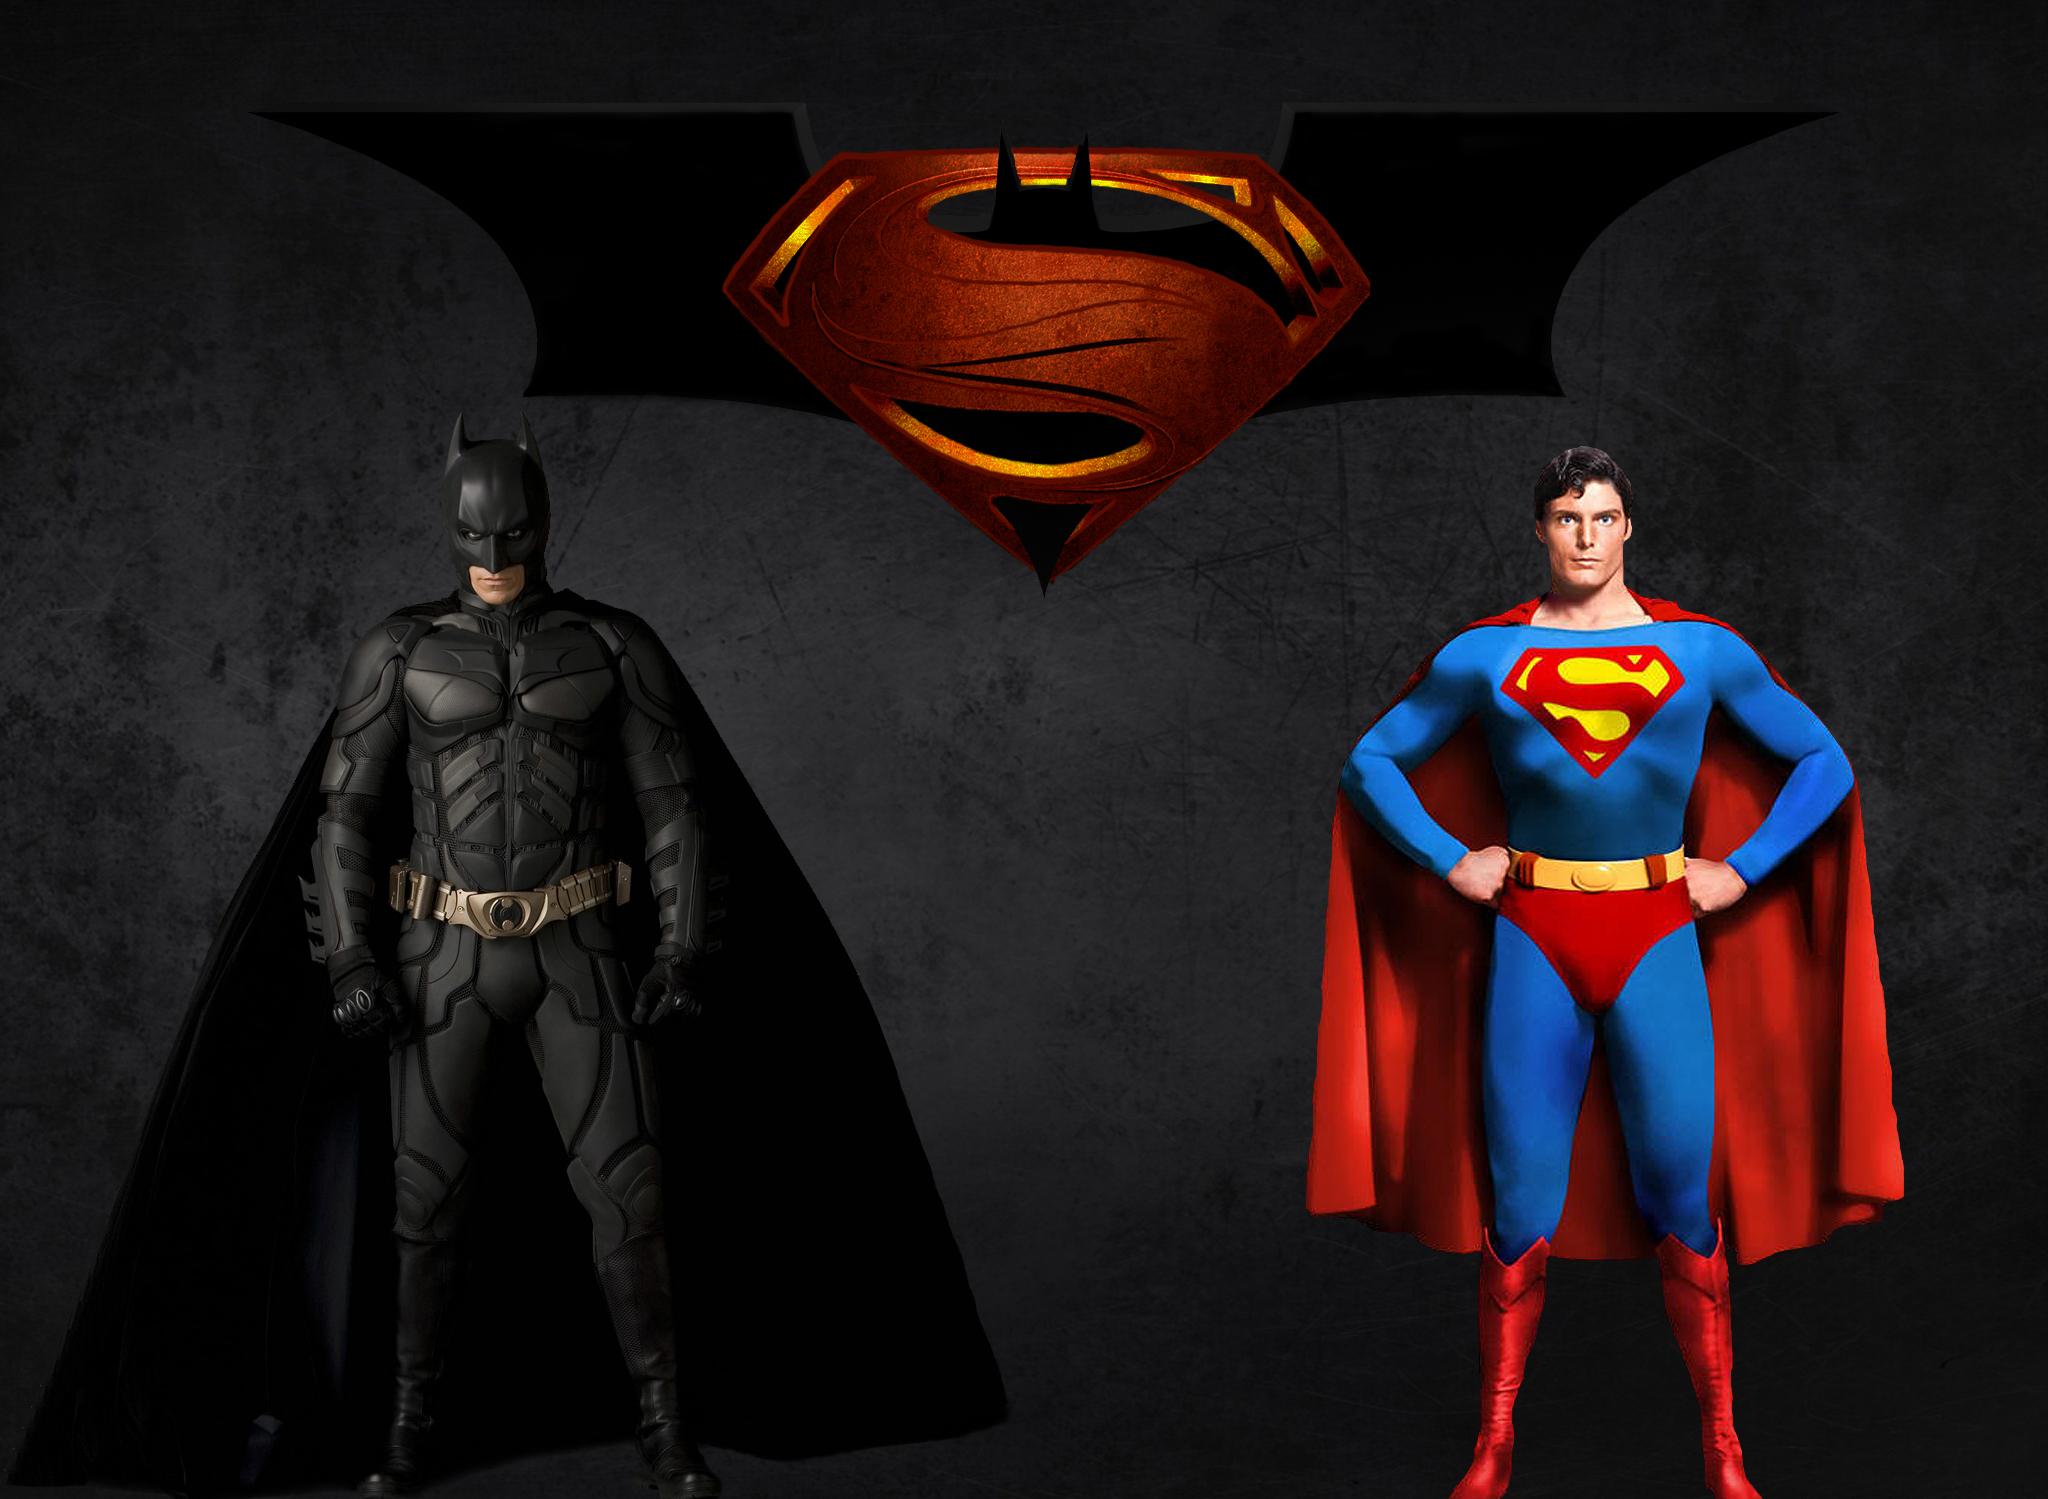 バットマンとスーパーマンの壁紙